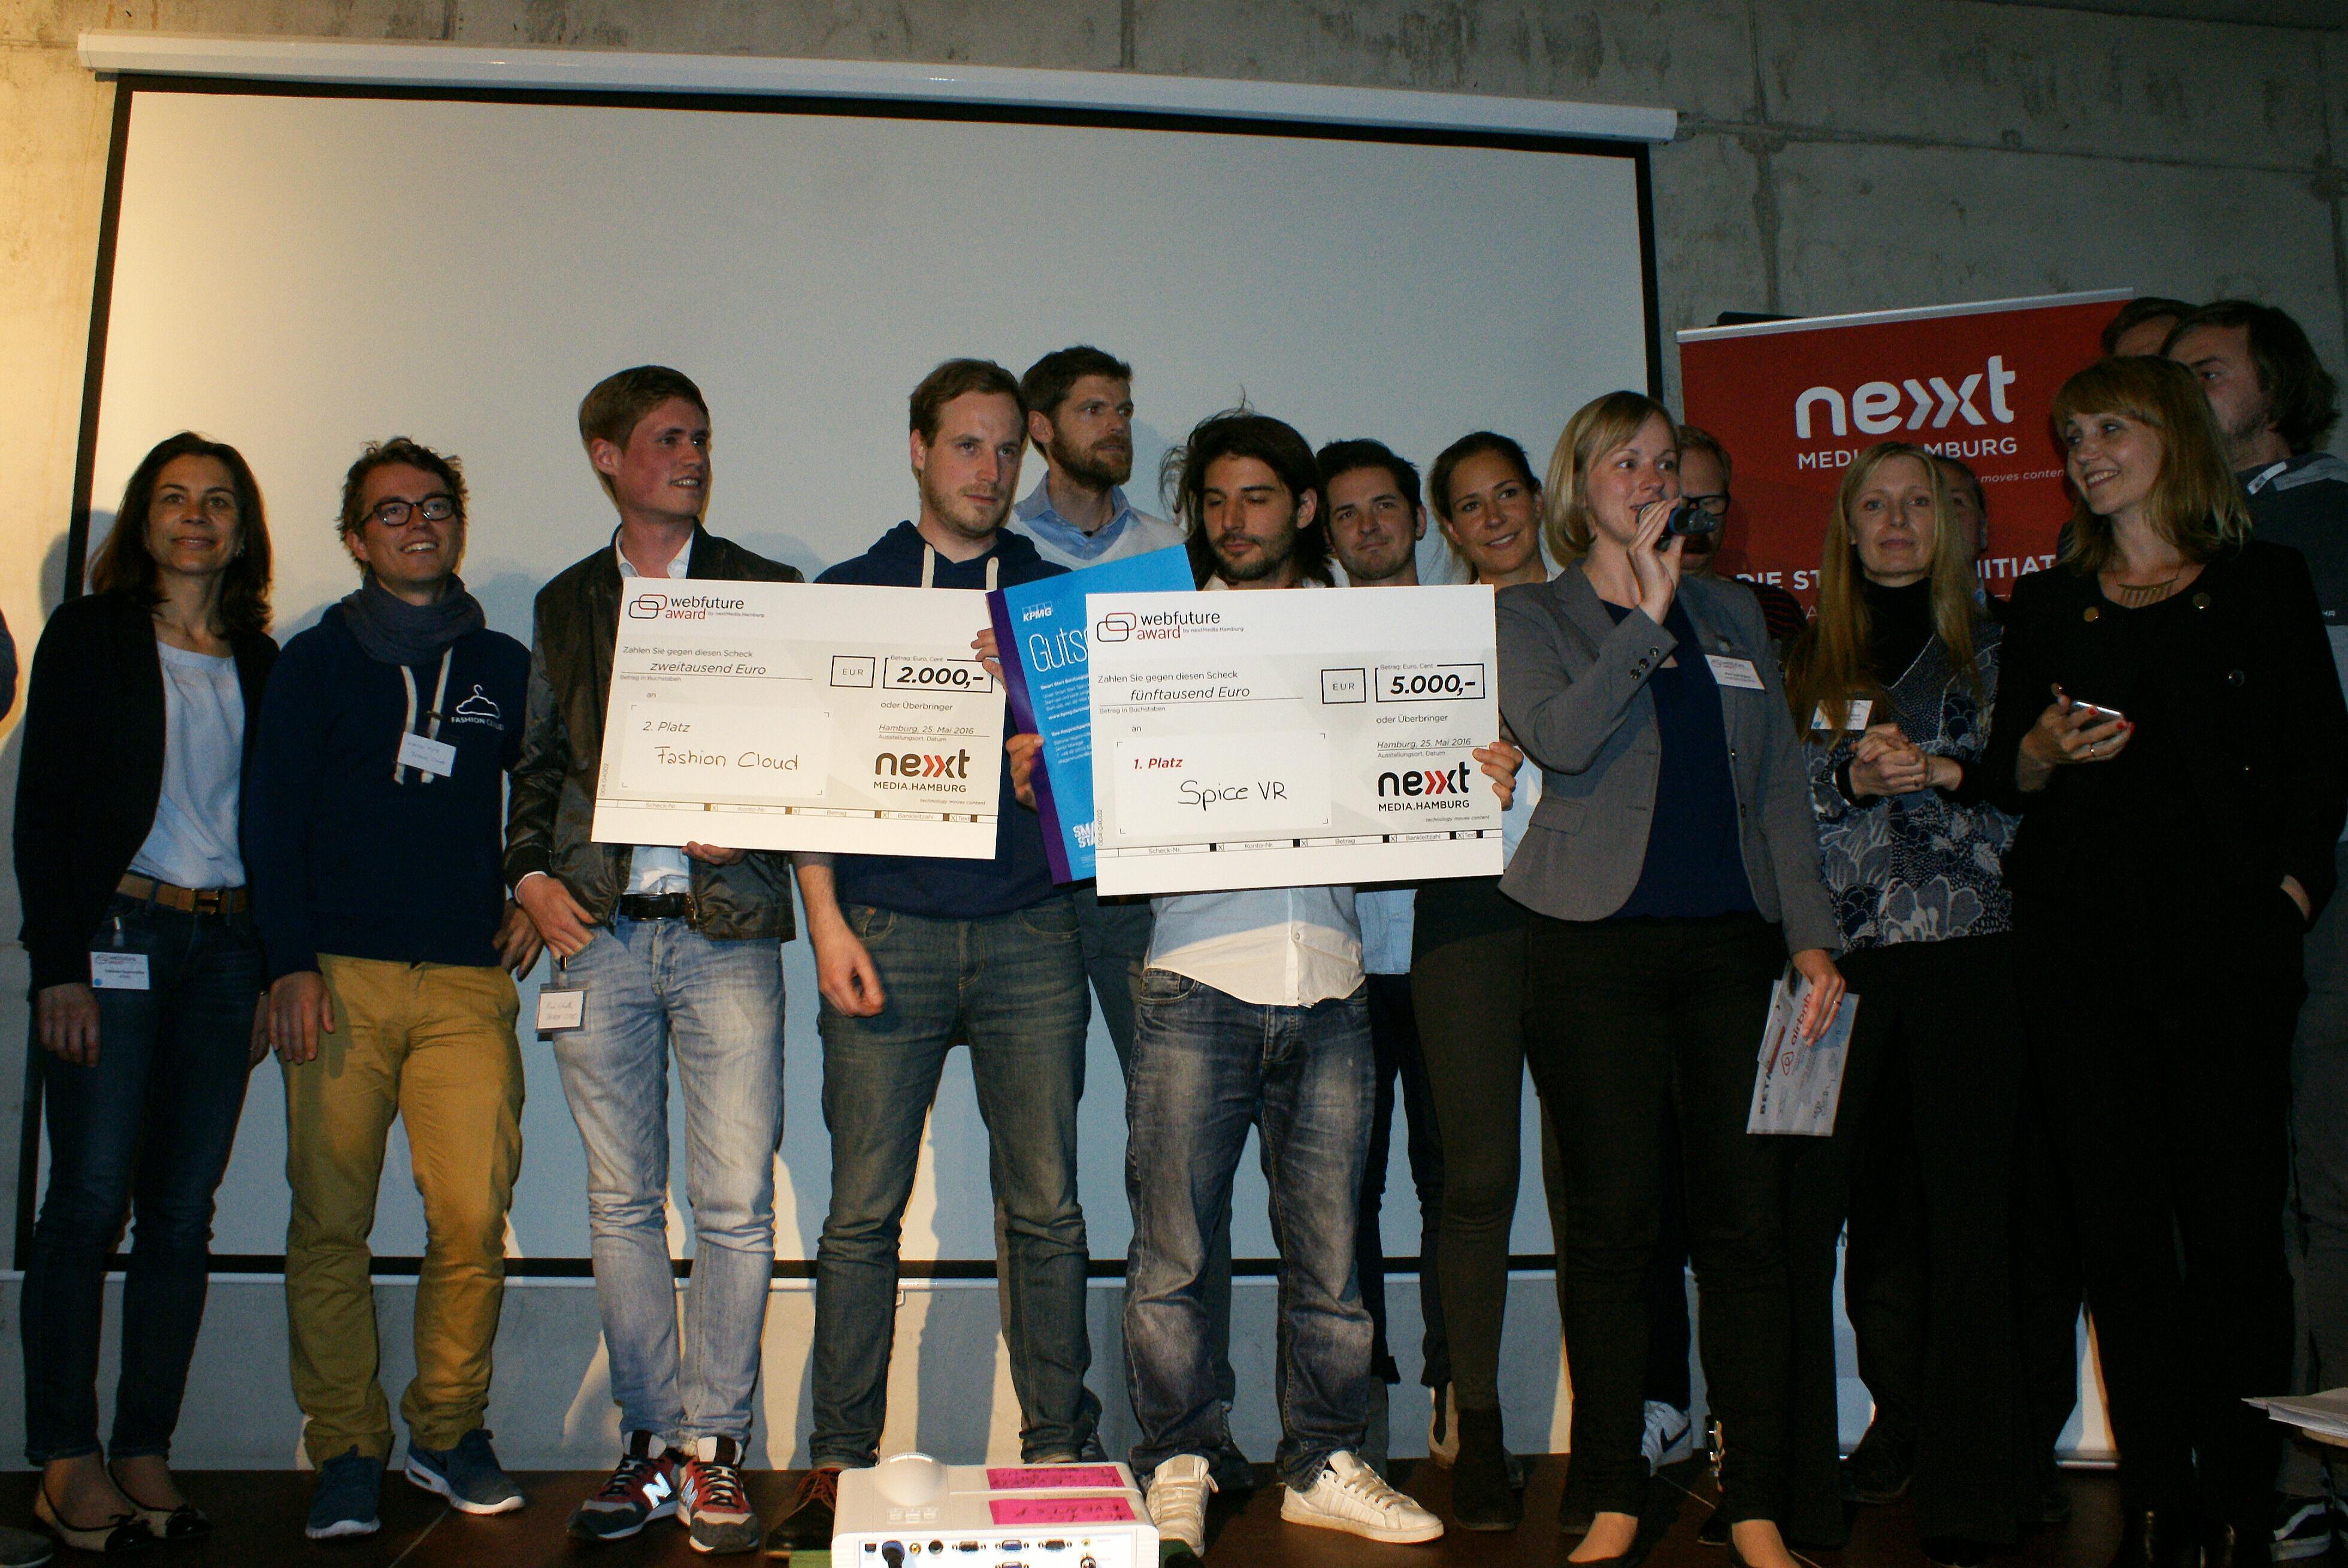 Webfuture Award Wettbewerb Event Veranstaltung